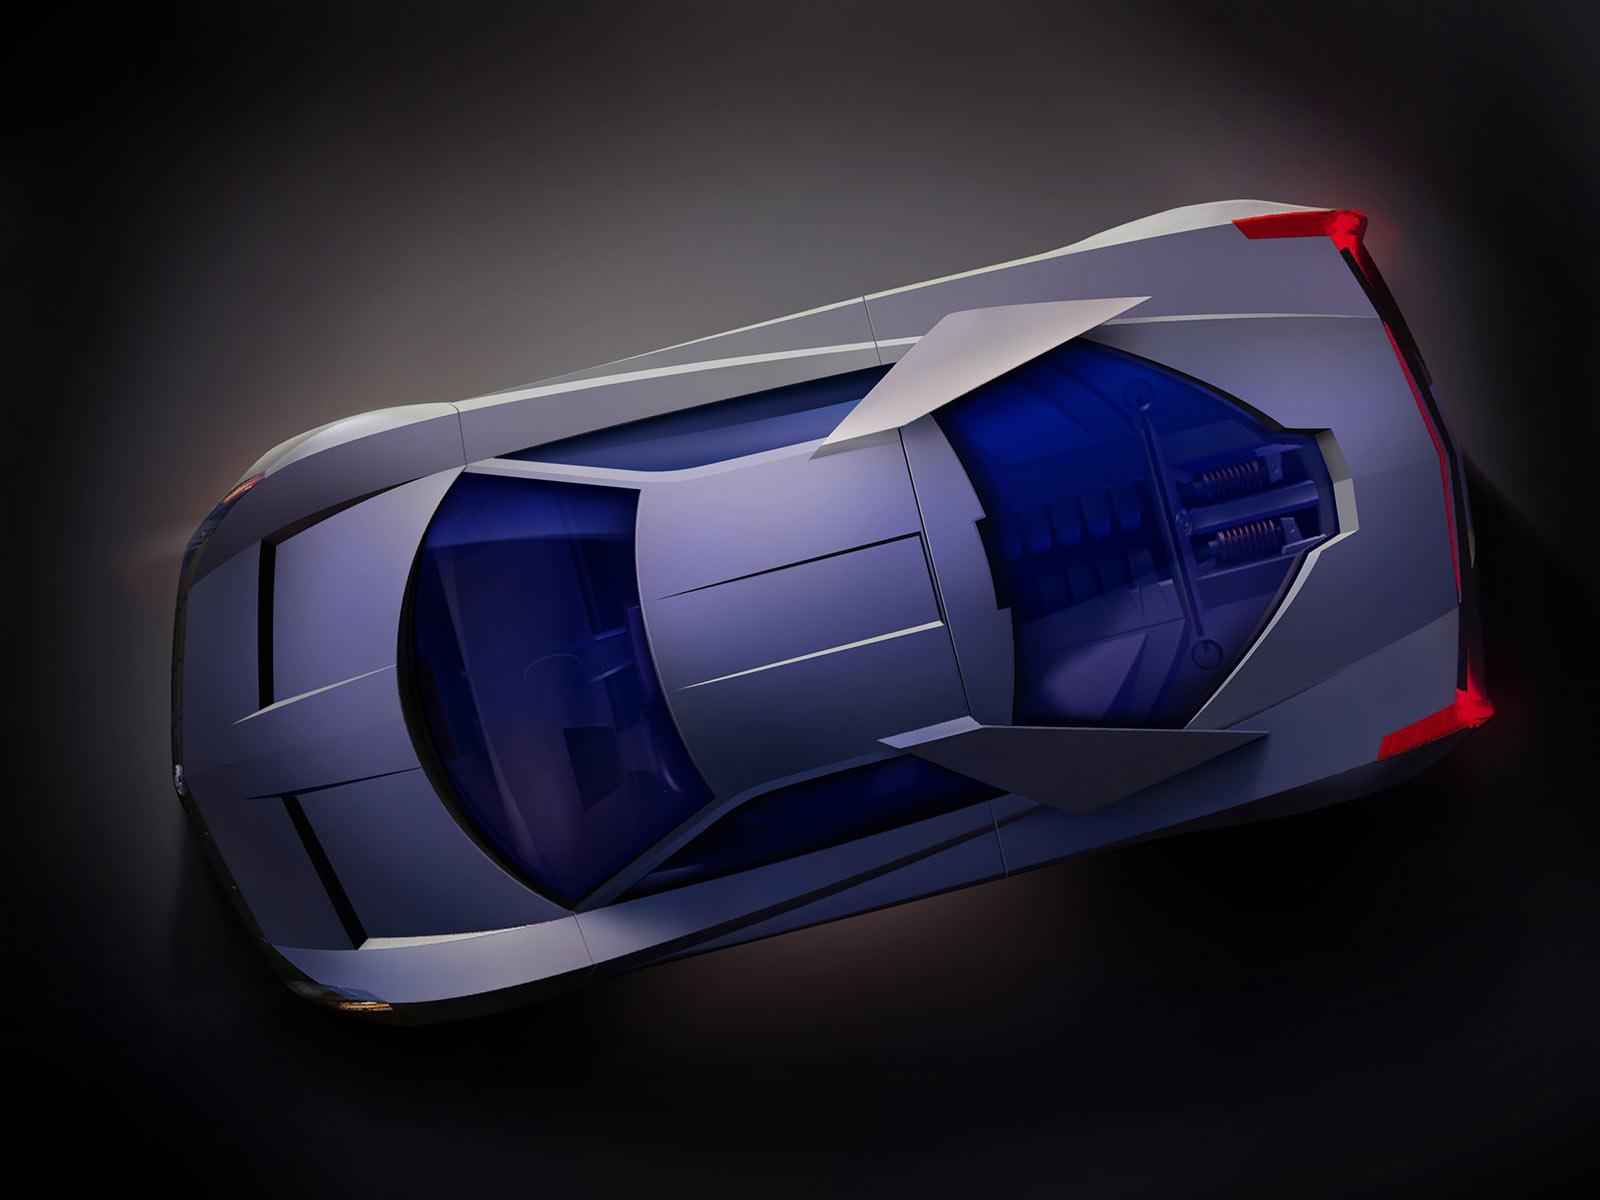 Lexus lf gh concept 2011 exterior detail 49 of 49 1600x1200 - 2002 Cadillac Cien Concept 2002 Cadillac Cien Concept